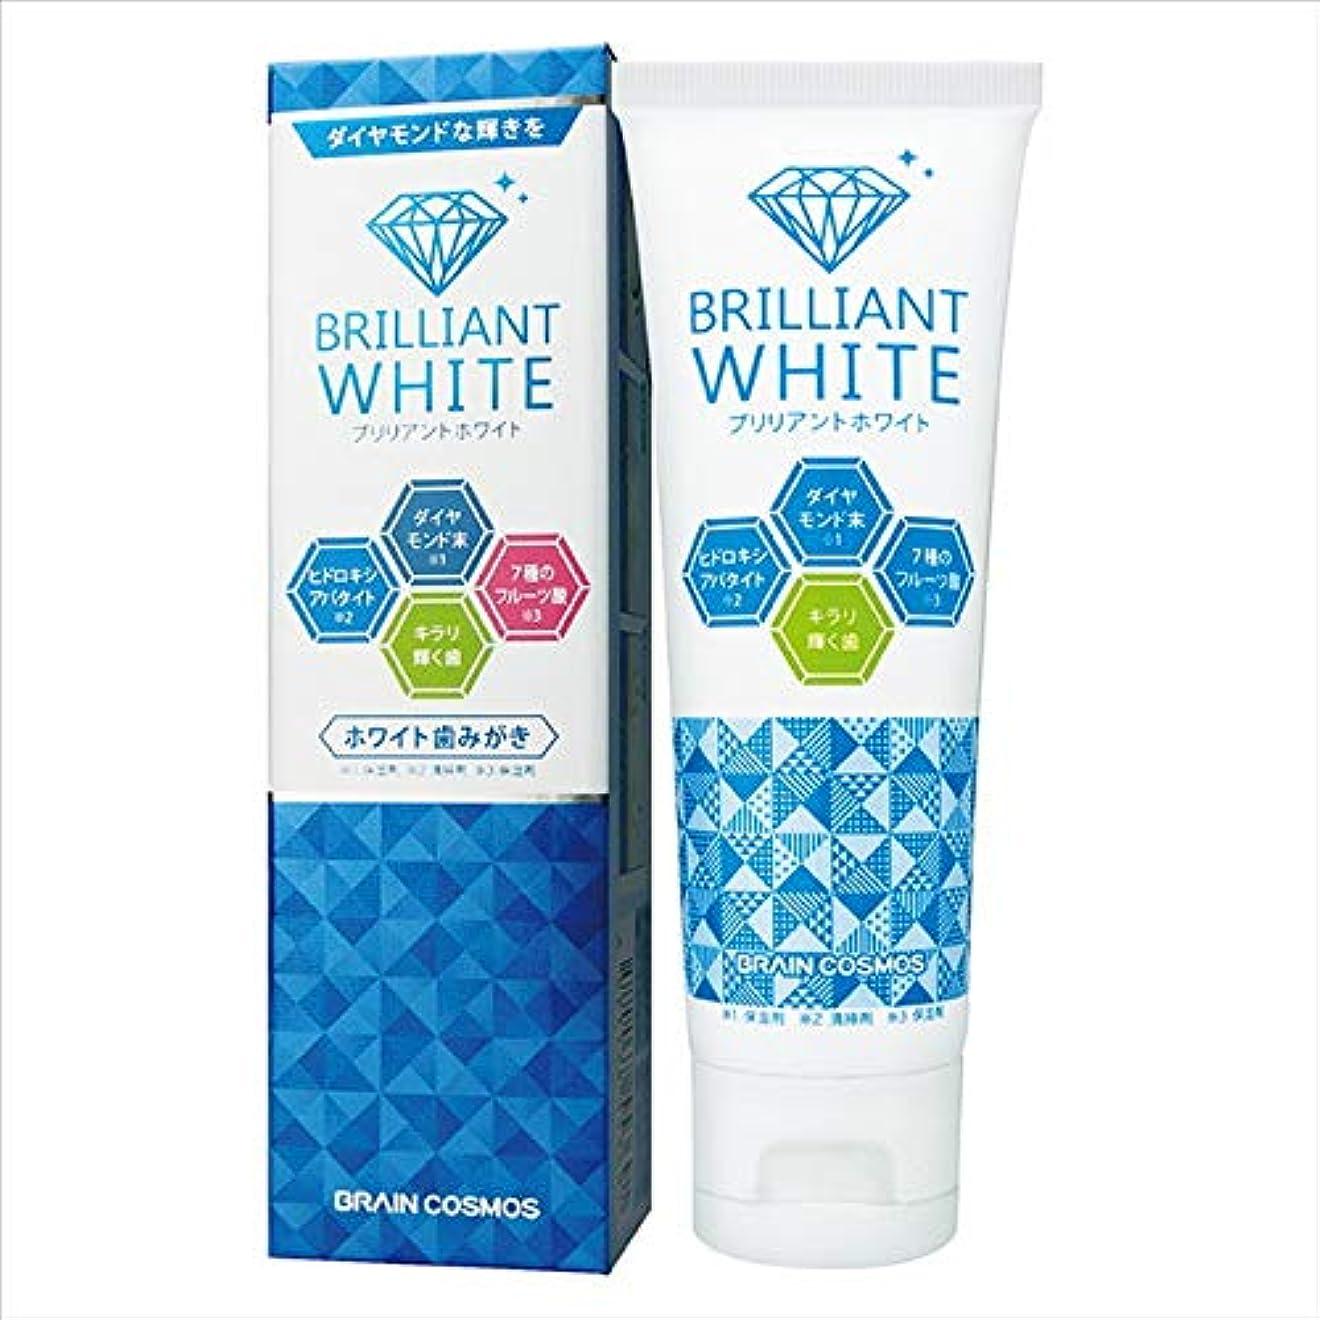 トランスペアレント香水歌ブリリアントホワイト 100G